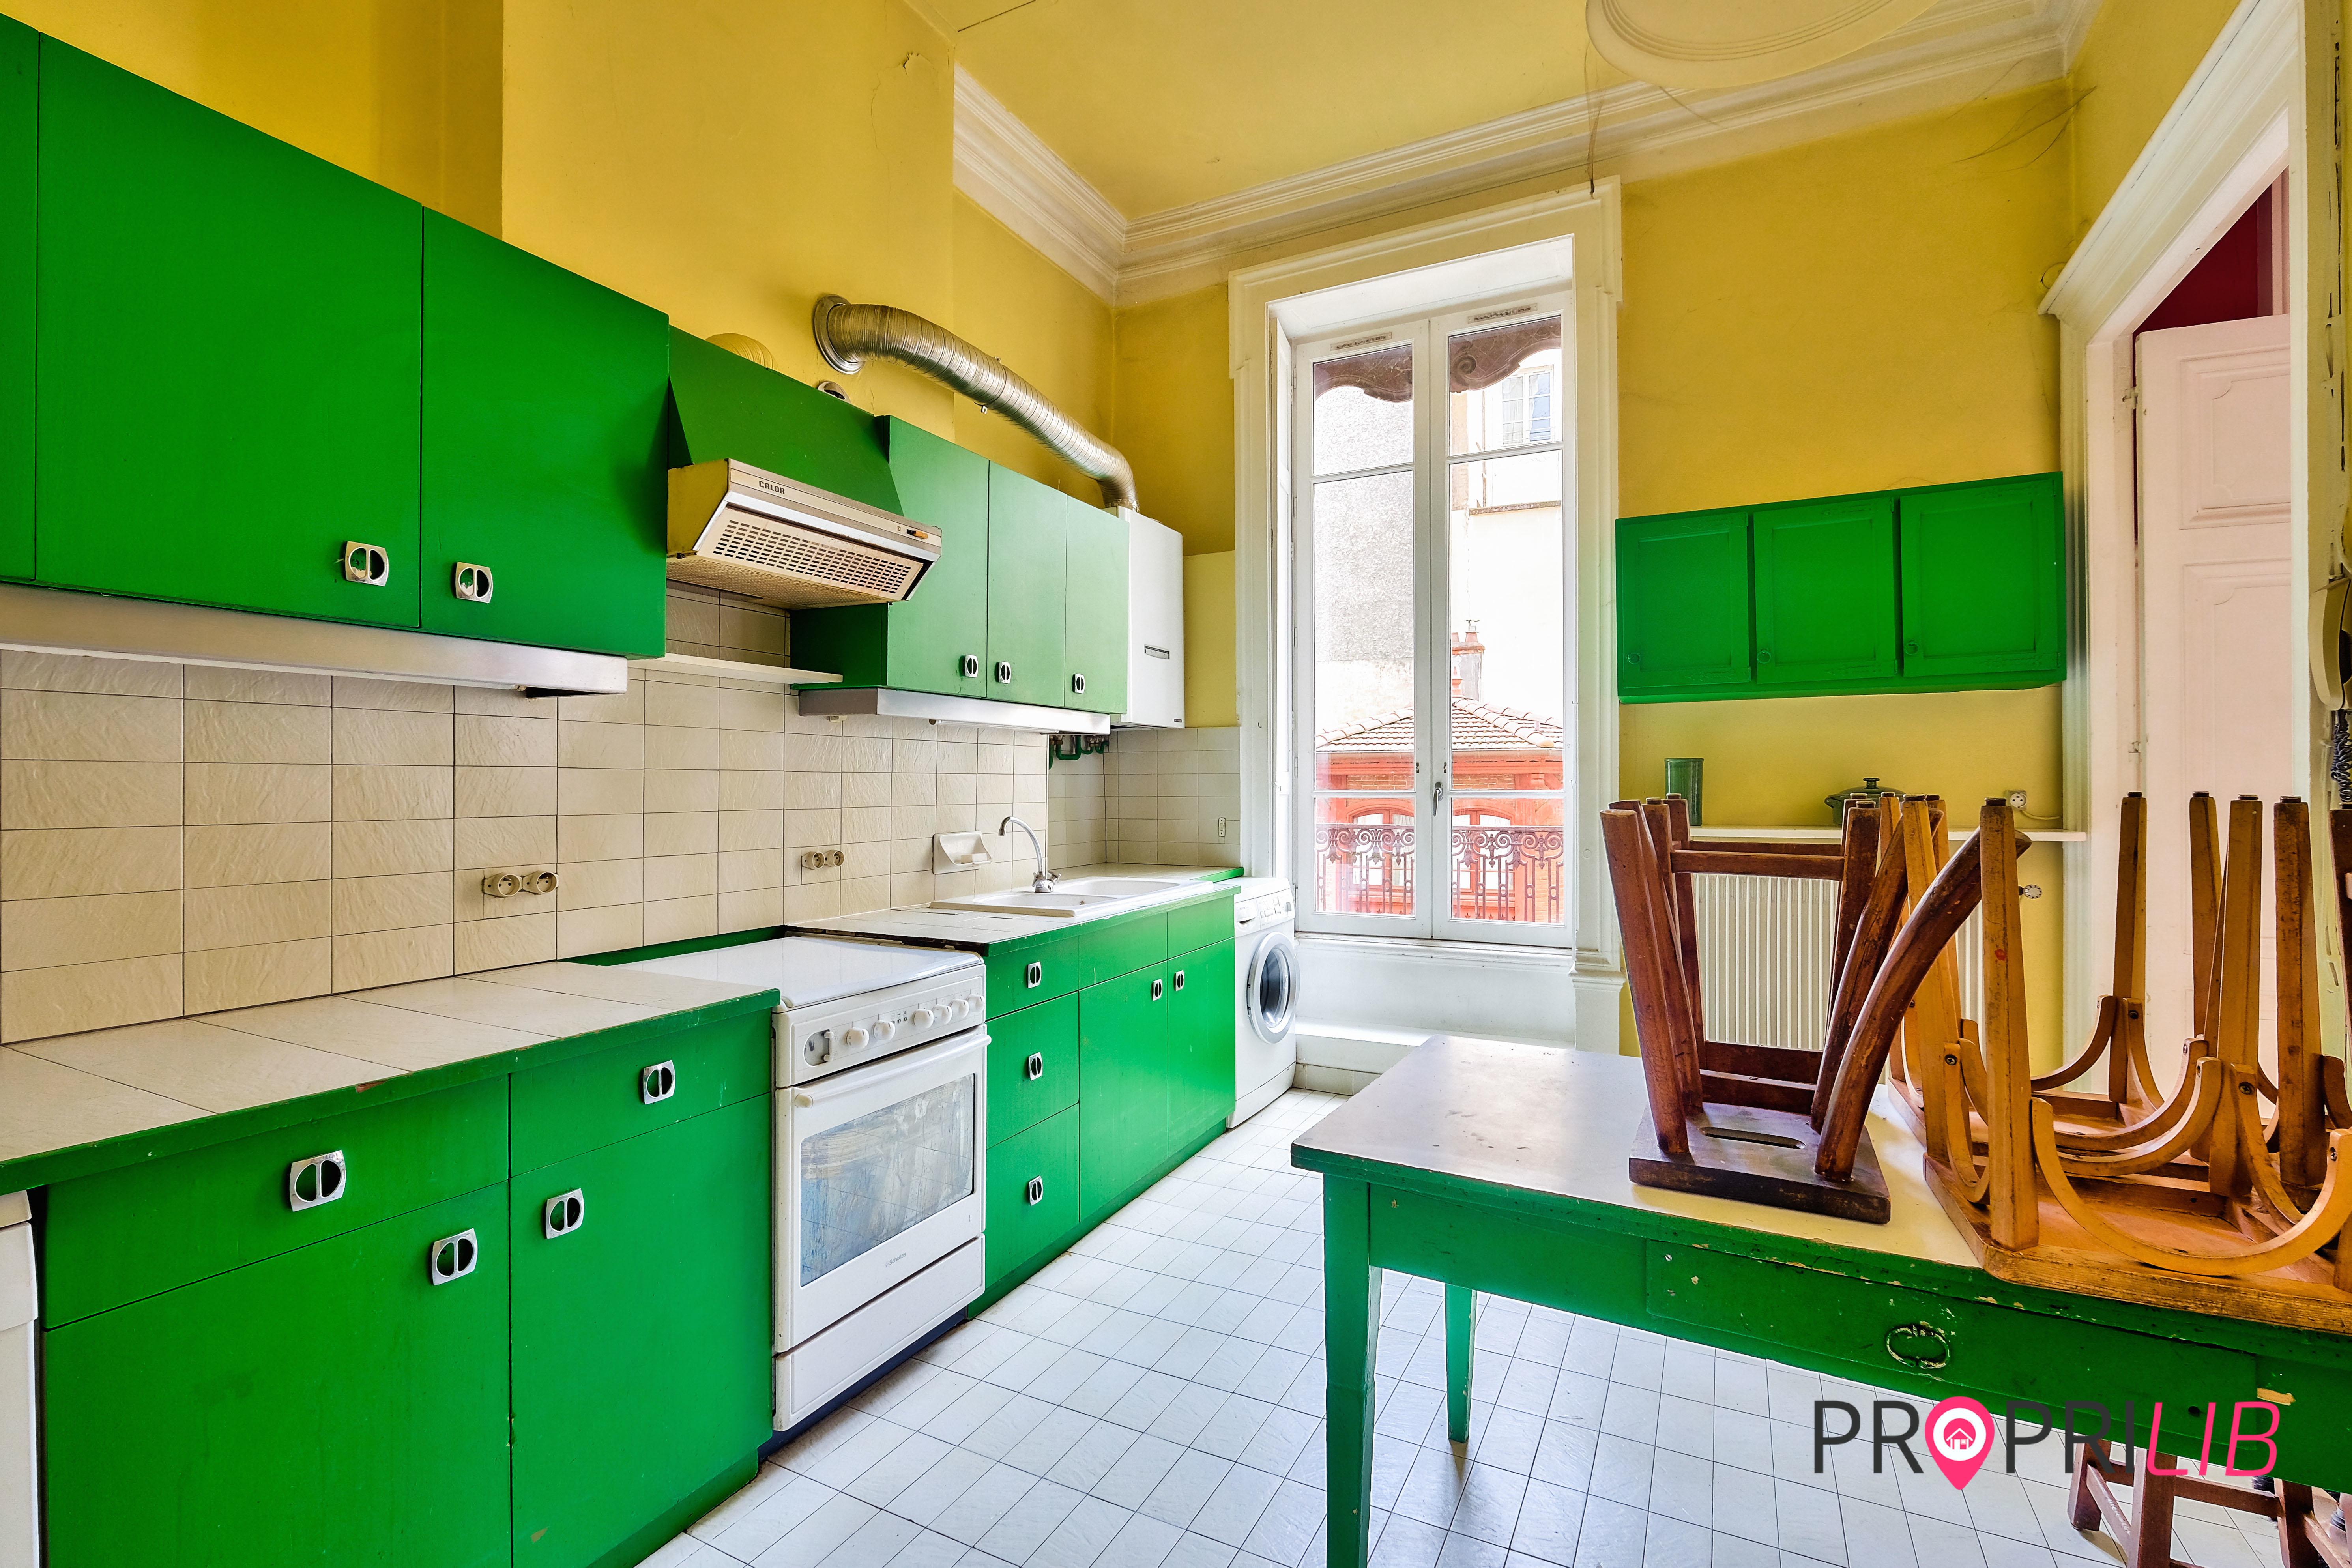 proprilib-agence-immobiliere-innovante